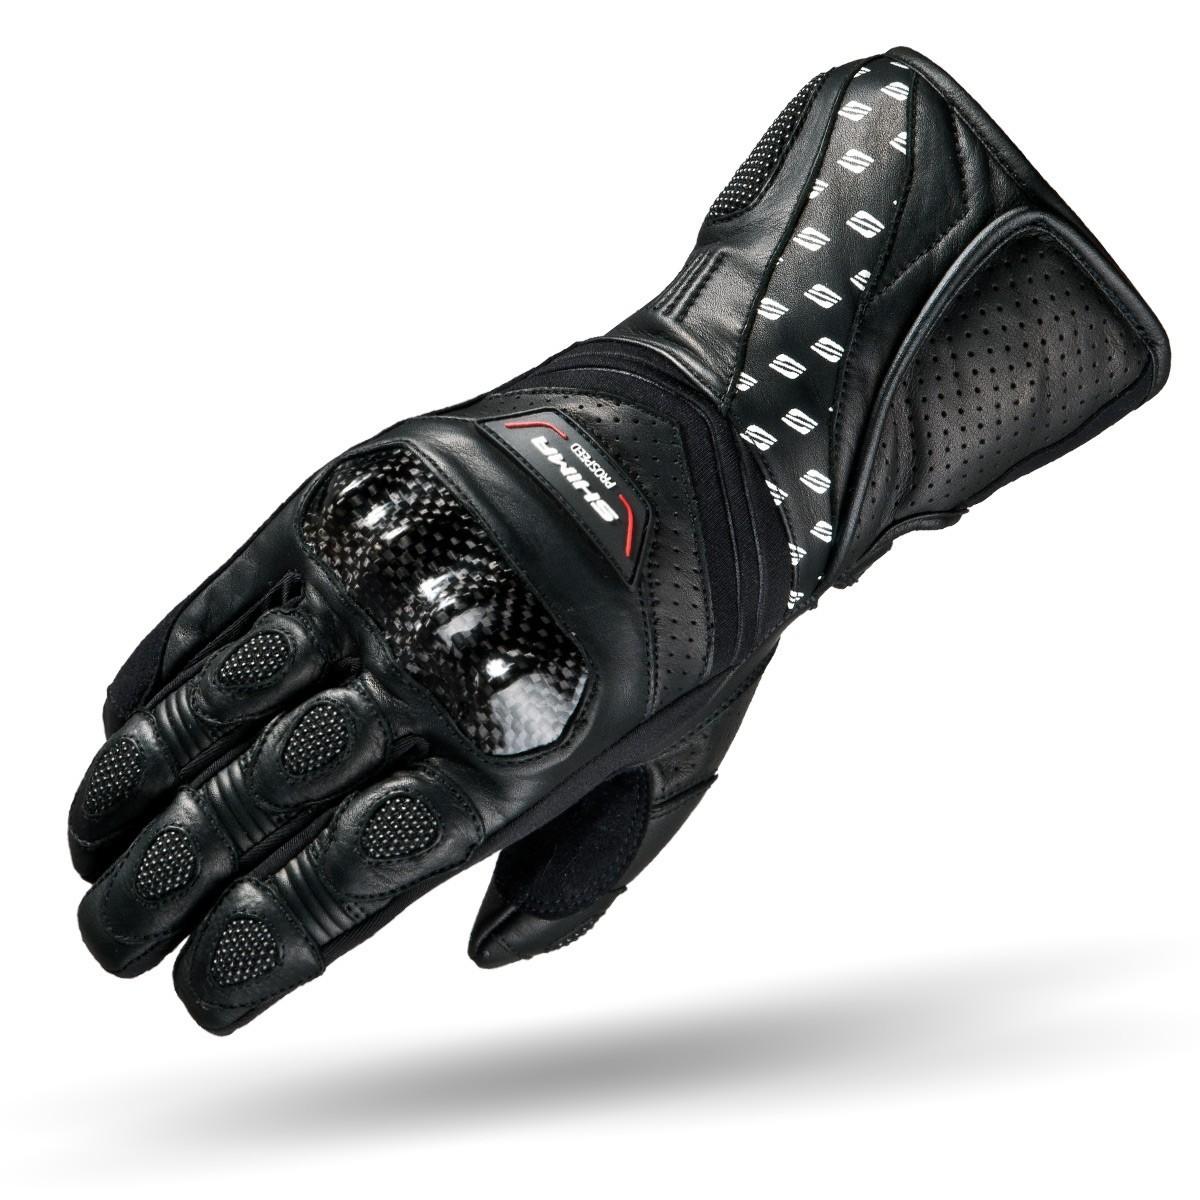 Rukavice na motorku SHIMA PROSPEED pánské kožené černé